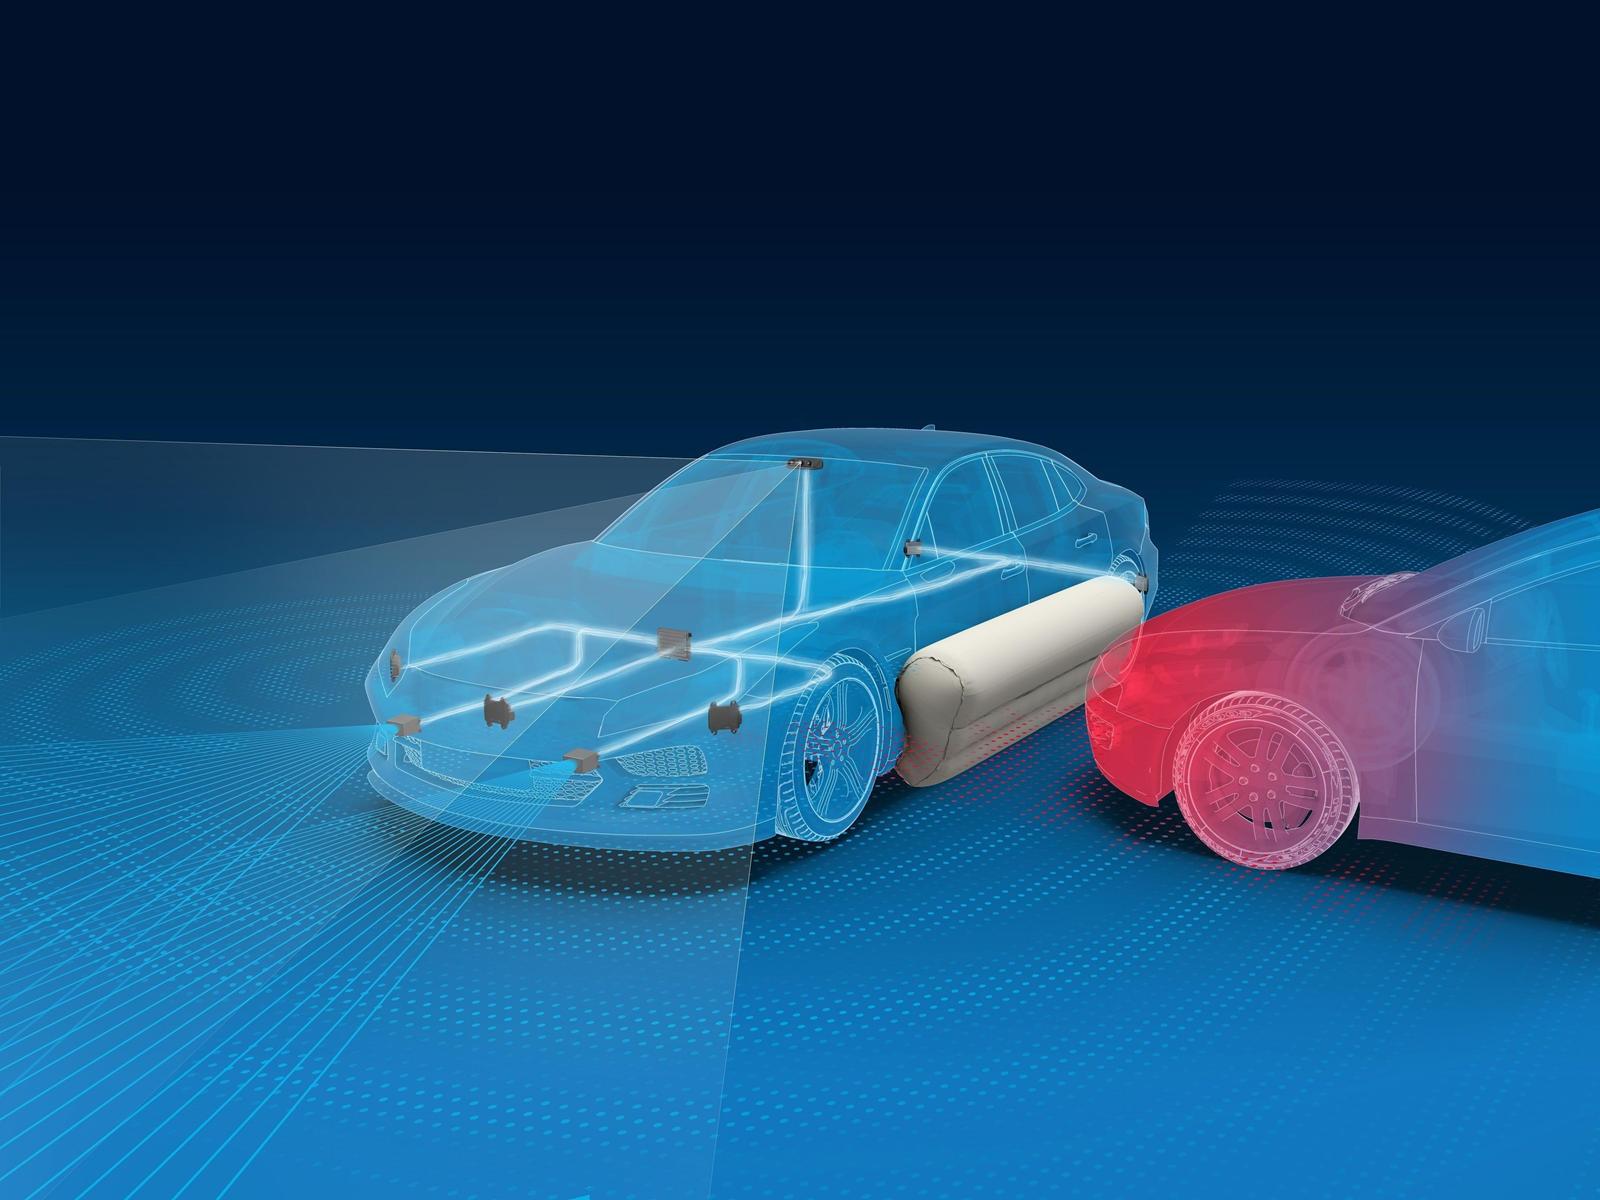 Công nghệ túi khí bên hông sẽ giúp ôtô an toàn hơn